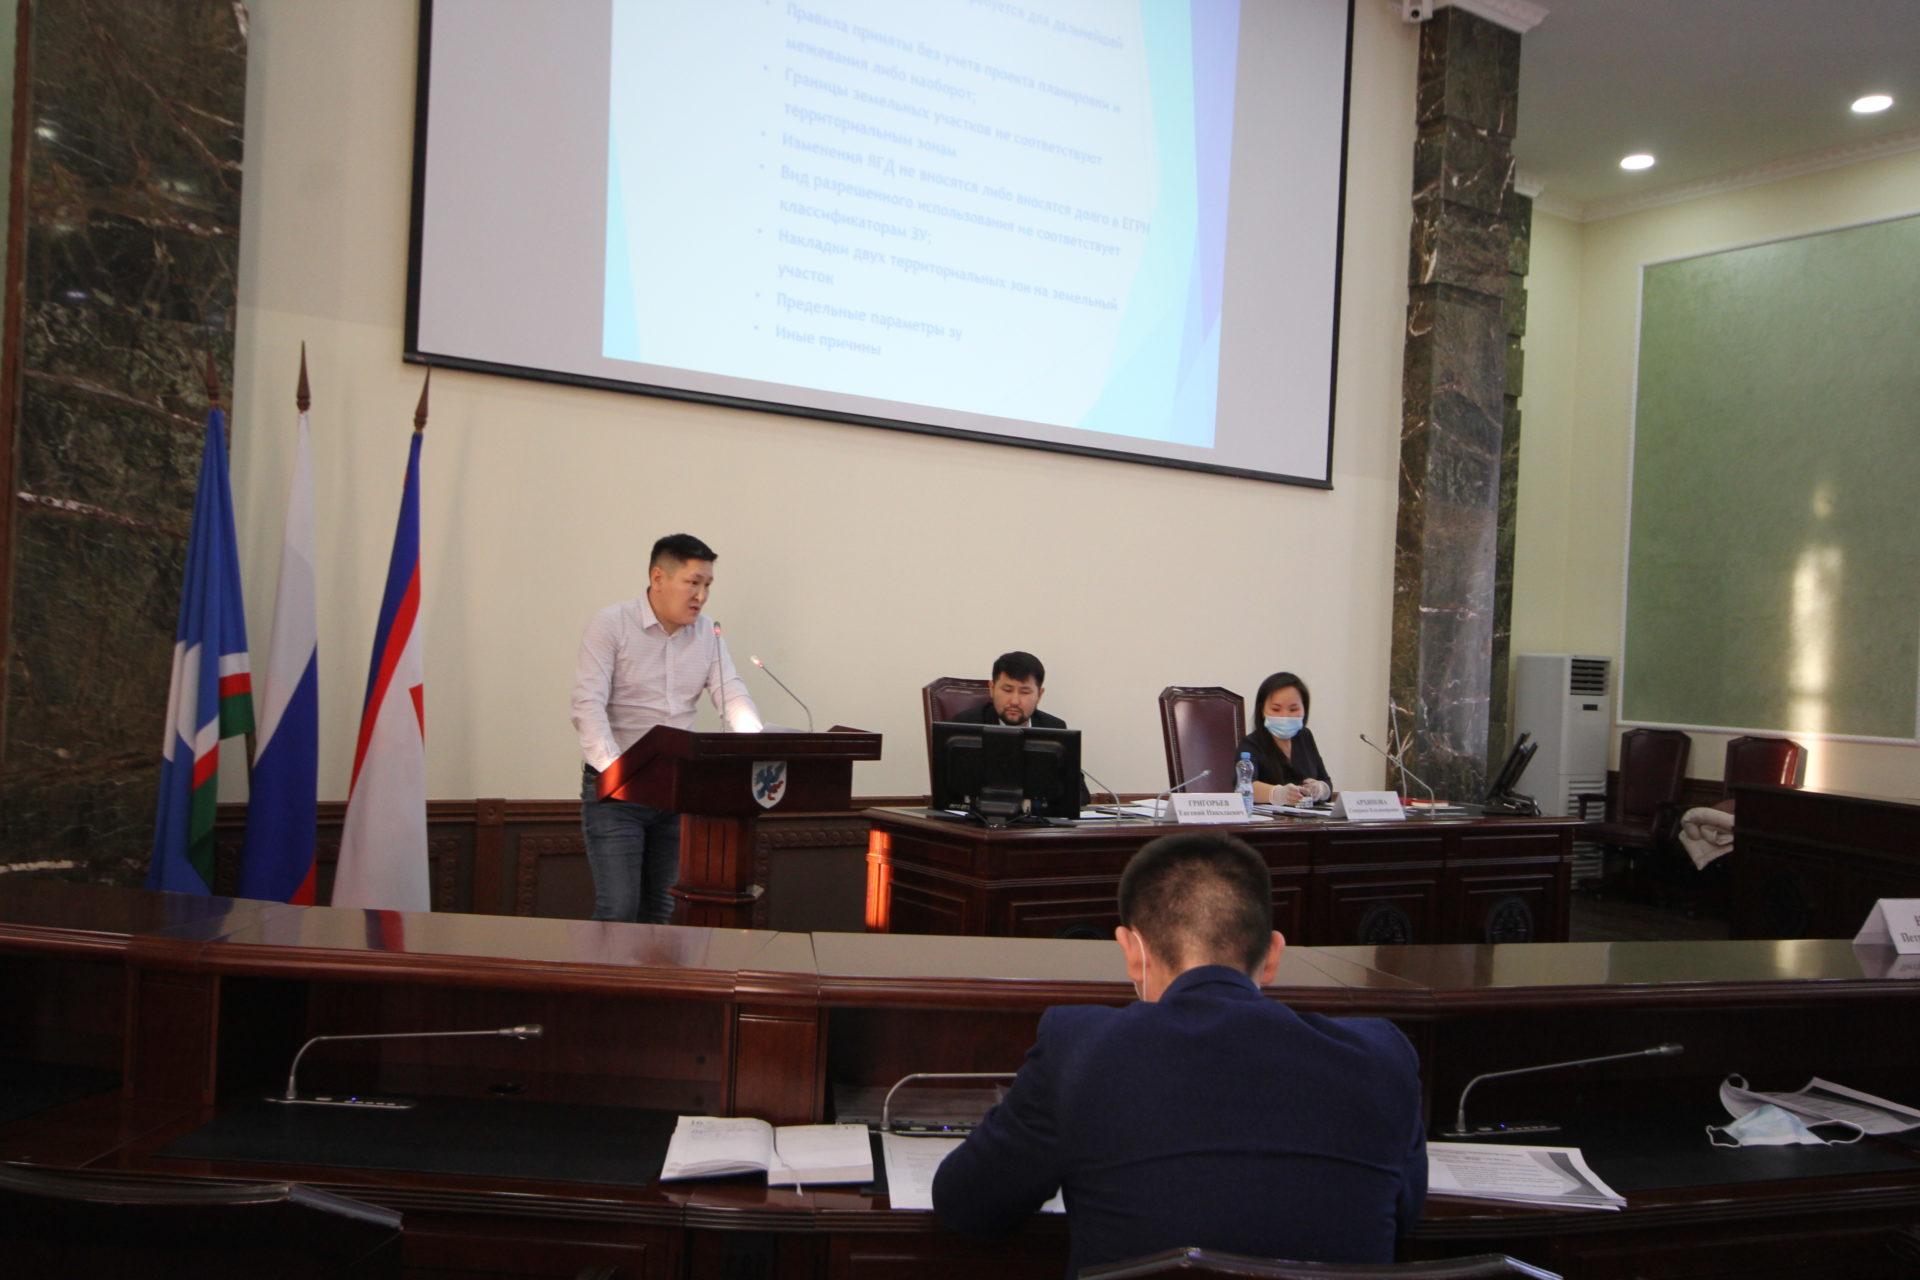 Евгений Григорьев обсудил с застройщиками Якутска планы по жилищному строительству